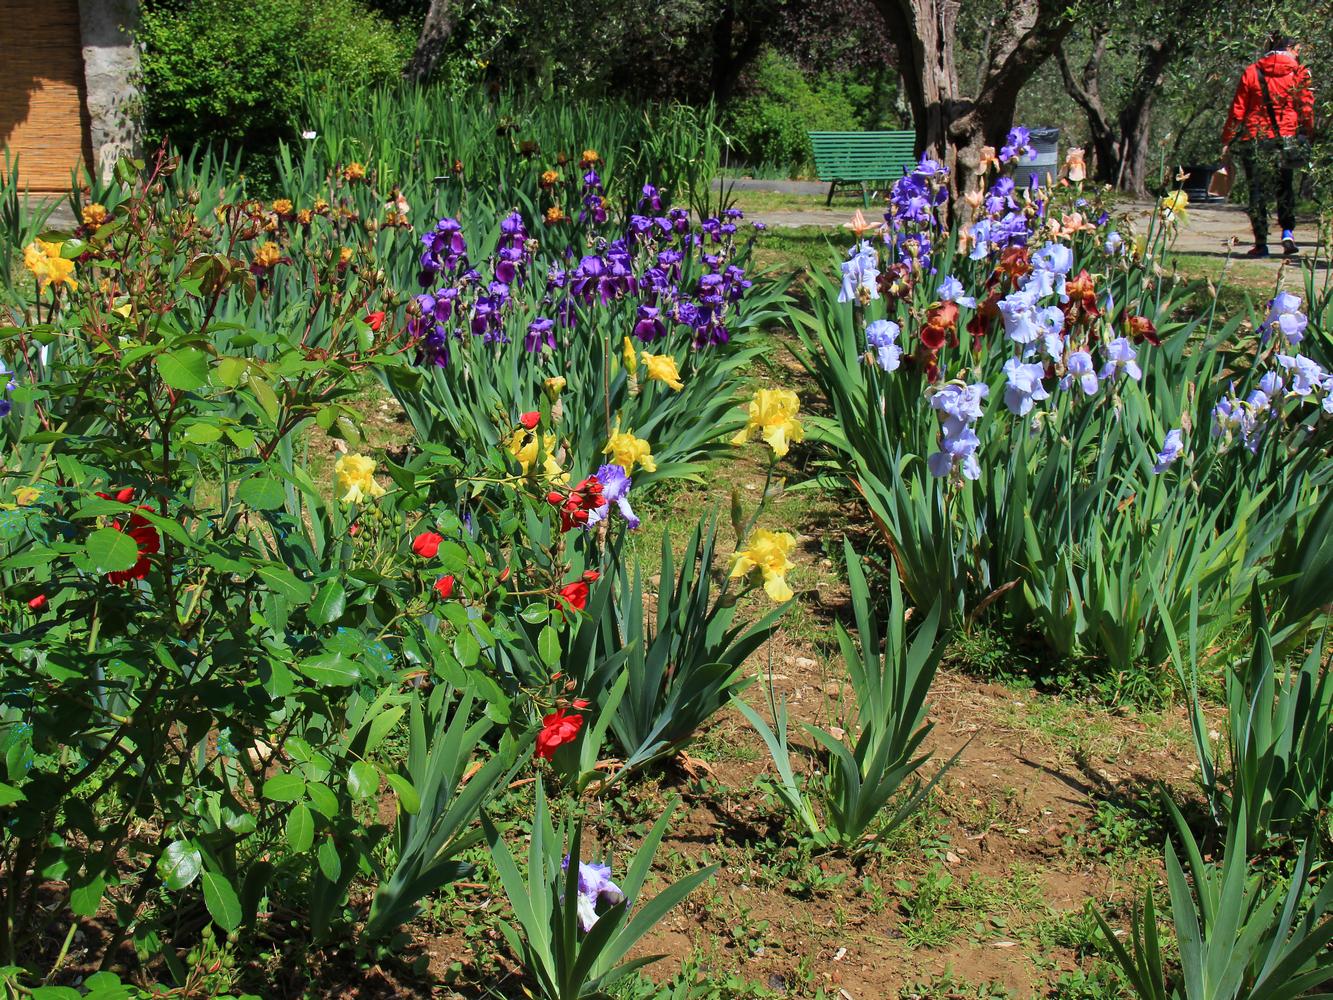 Vialetti da giardino con fiori particolari da giardino for Fiori particolari da giardino